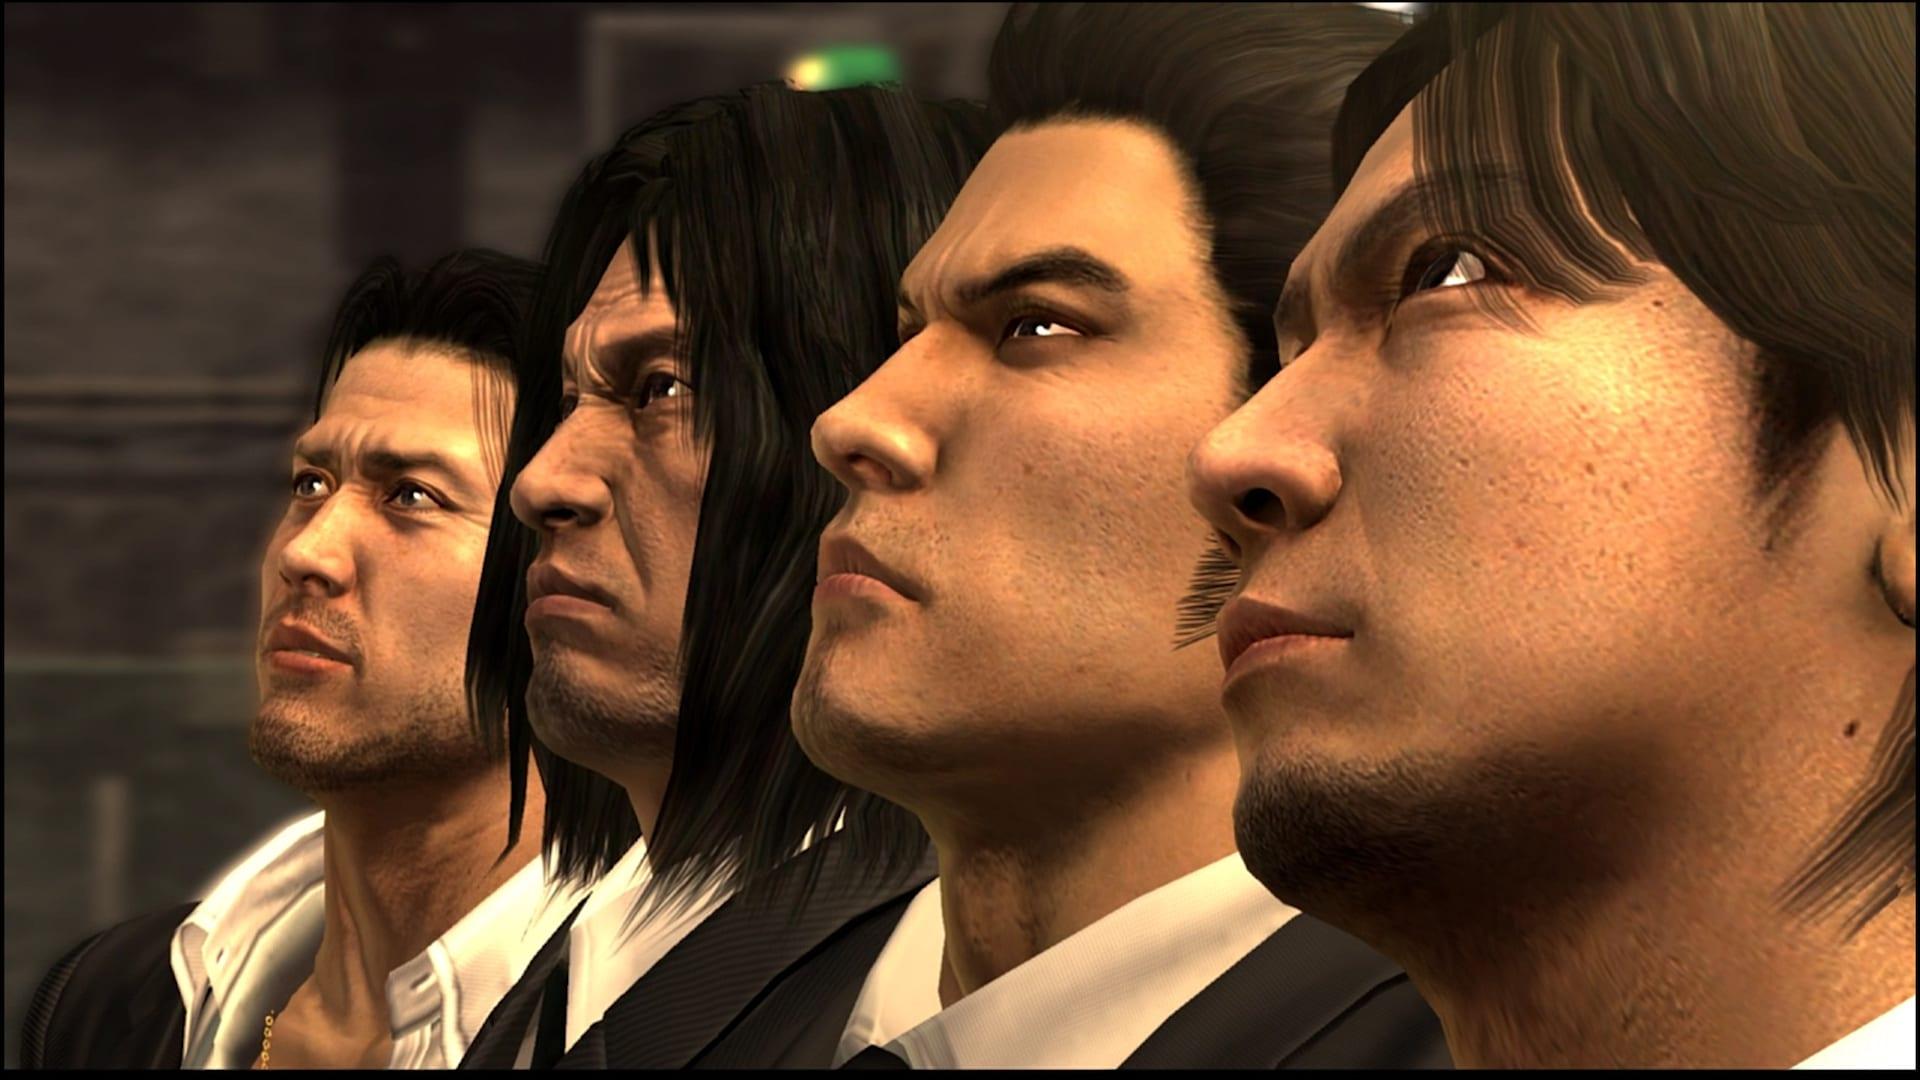 yakuza 4 remastered, trailer